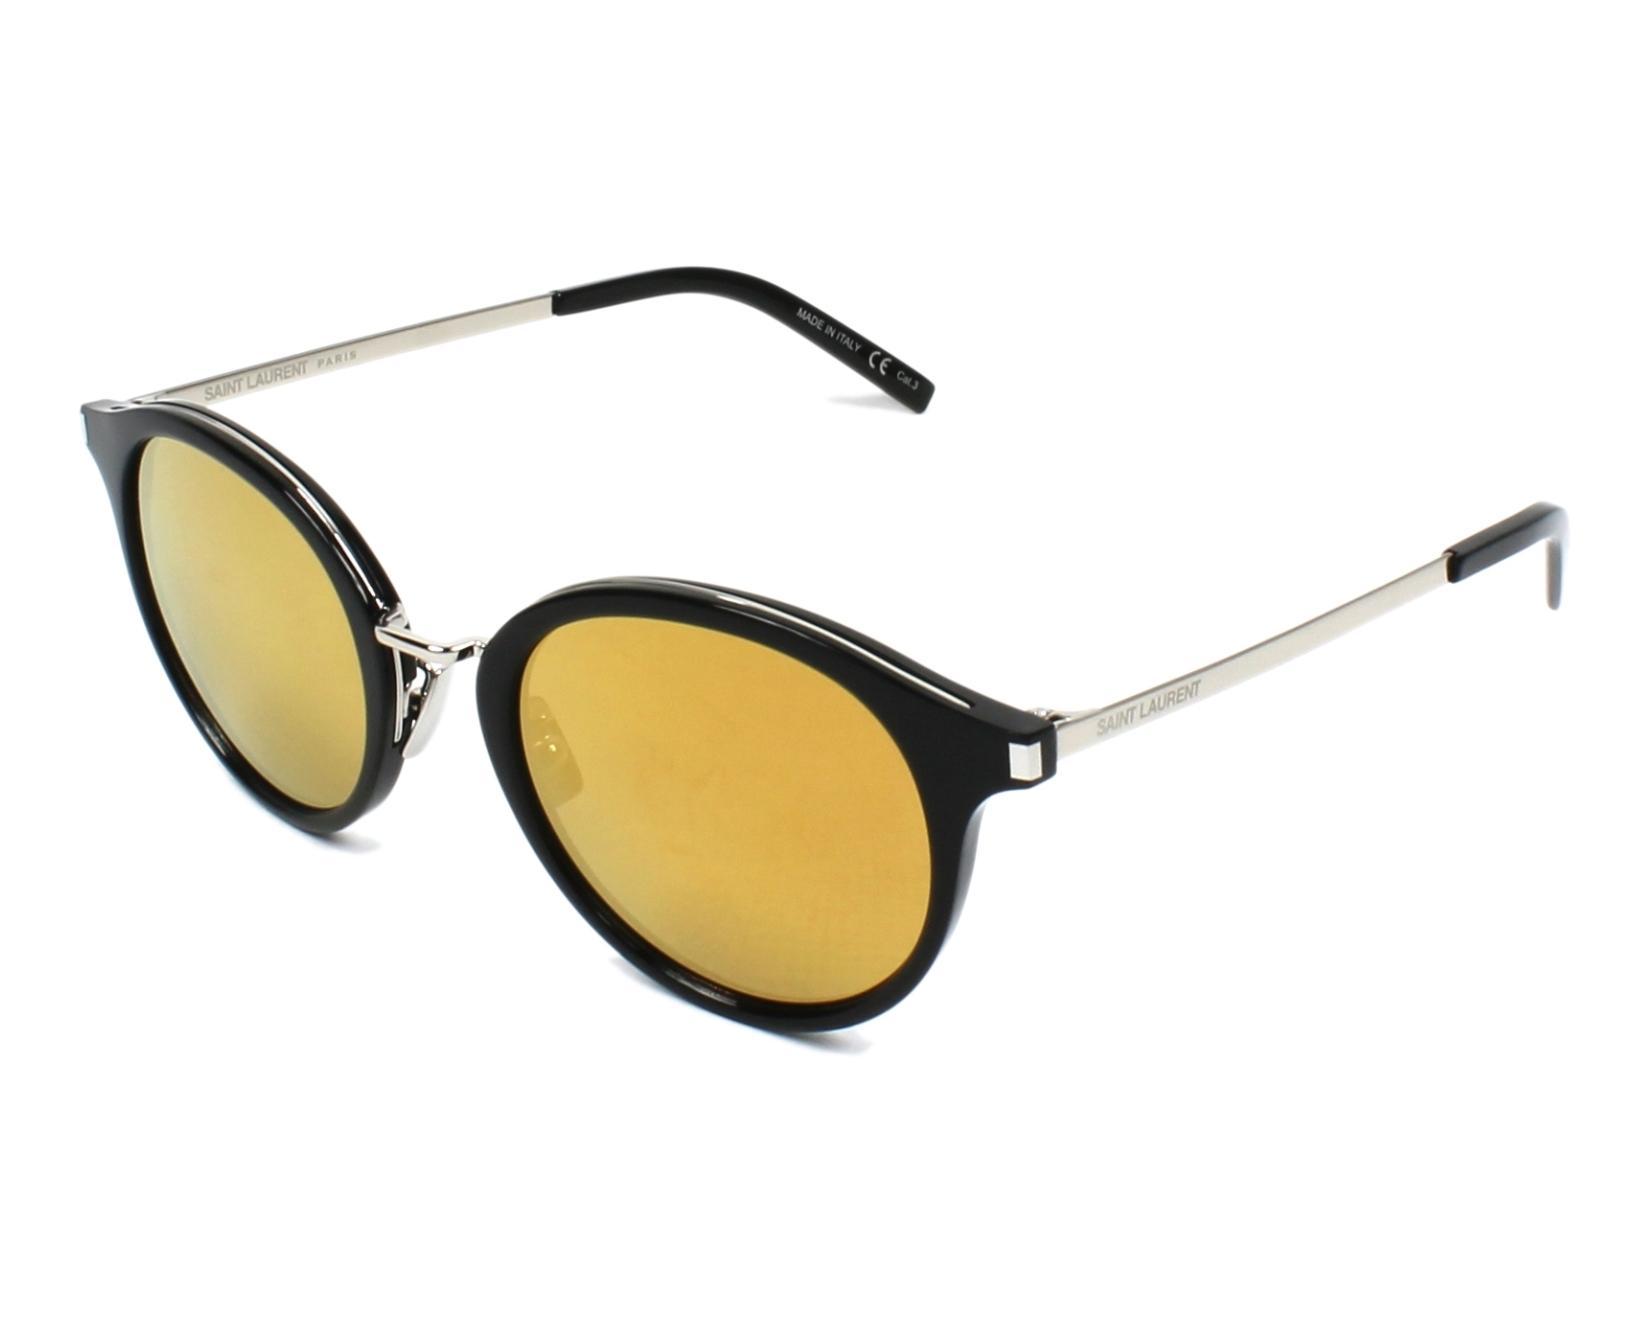 Saint Laurent SL57 Sonnenbrille Schwarz und Silber 002 49mm acxHAT